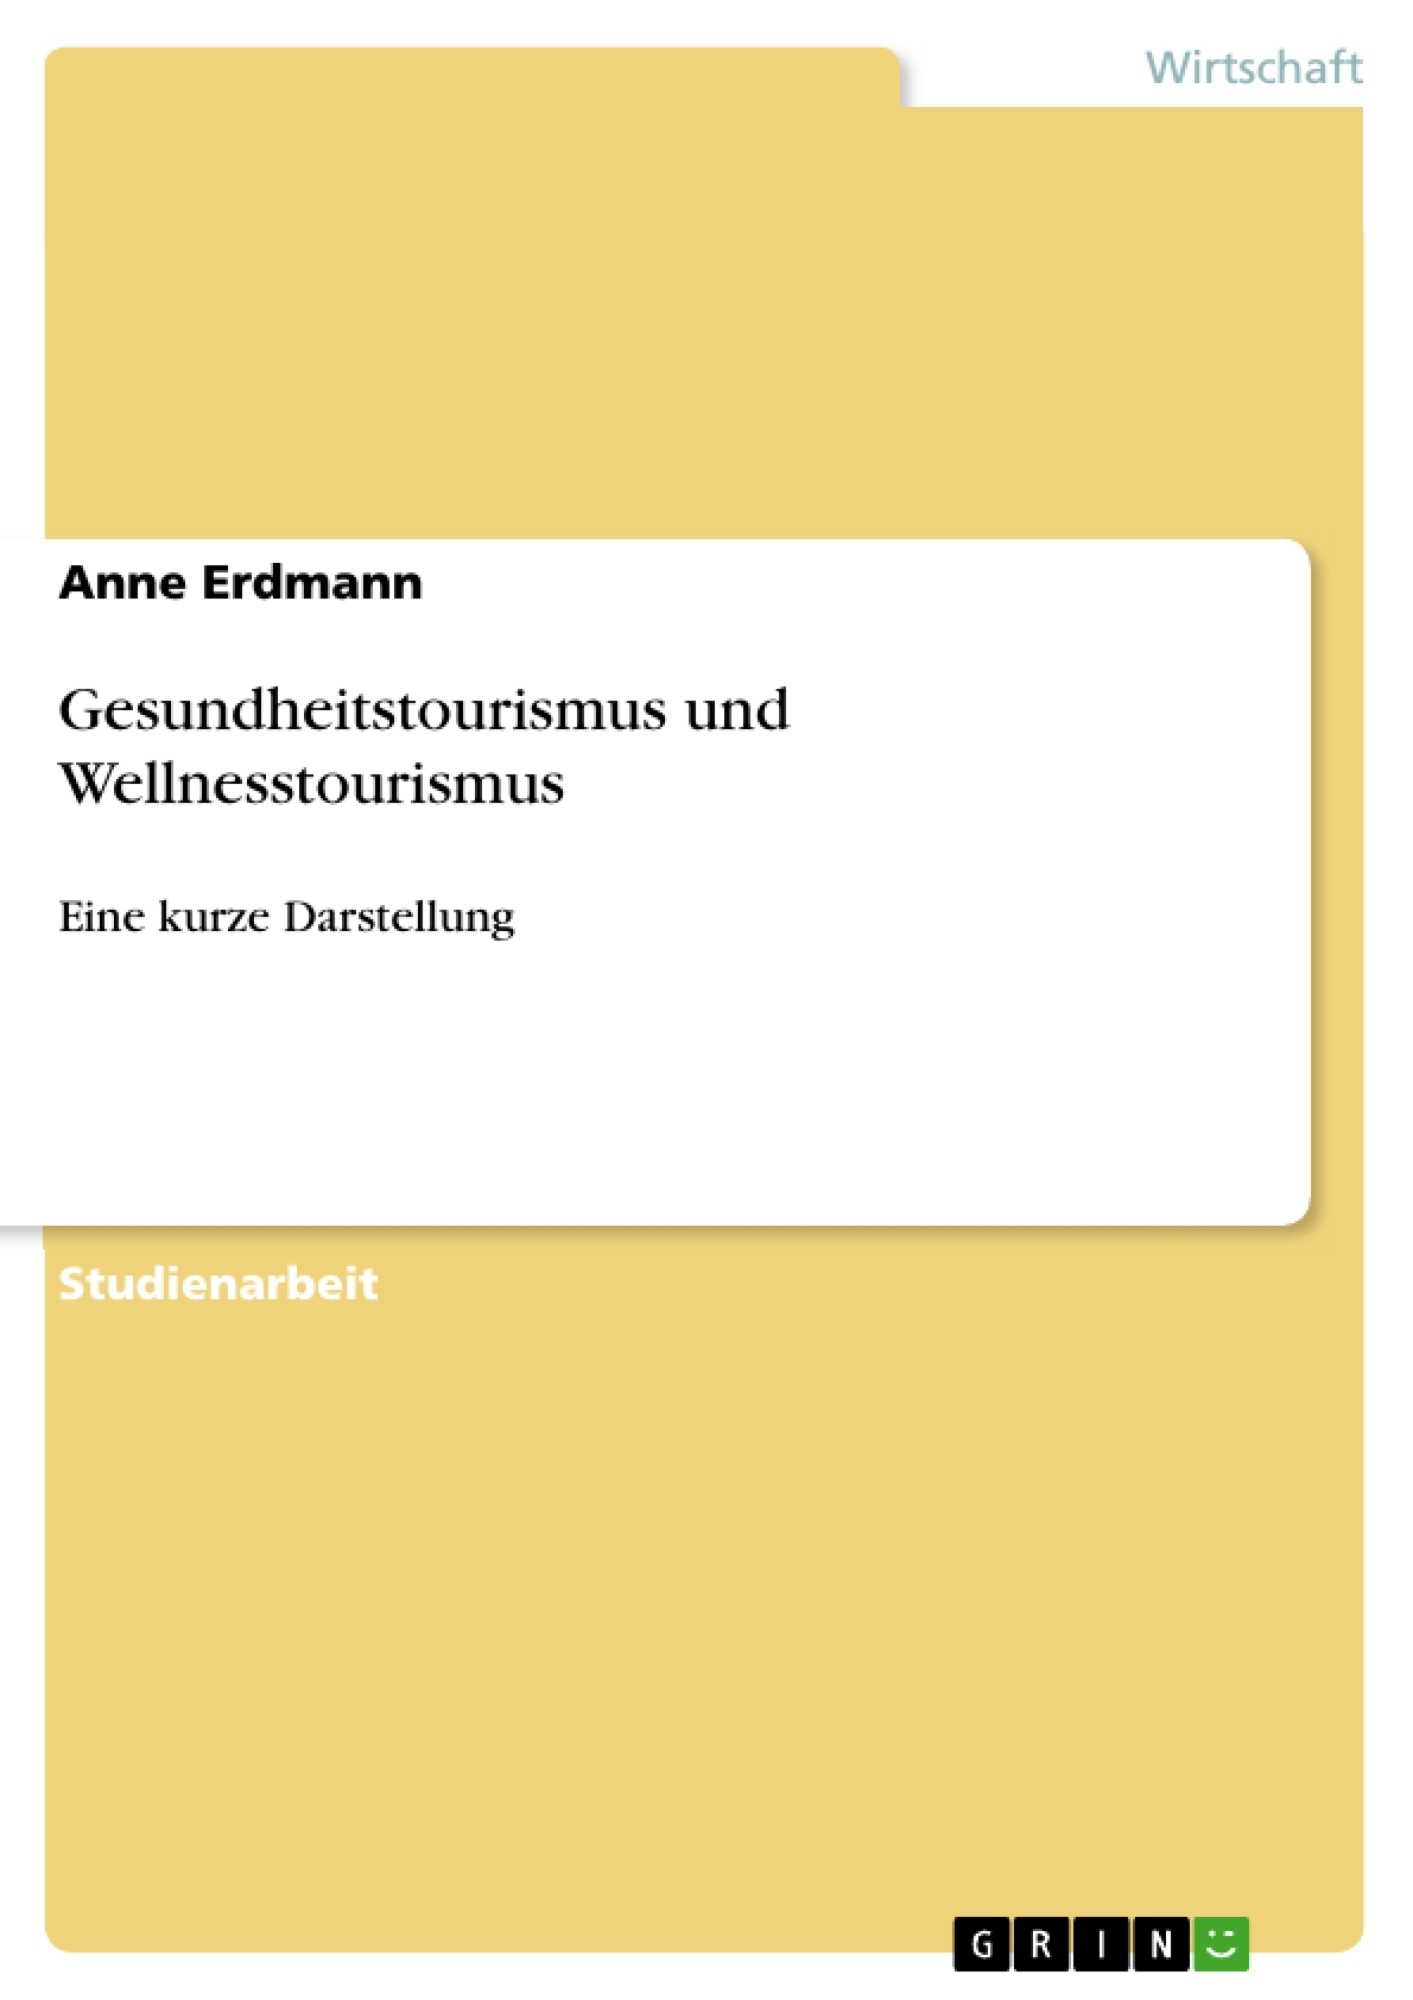 Titel: Gesundheitstourismus und Wellnesstourismus